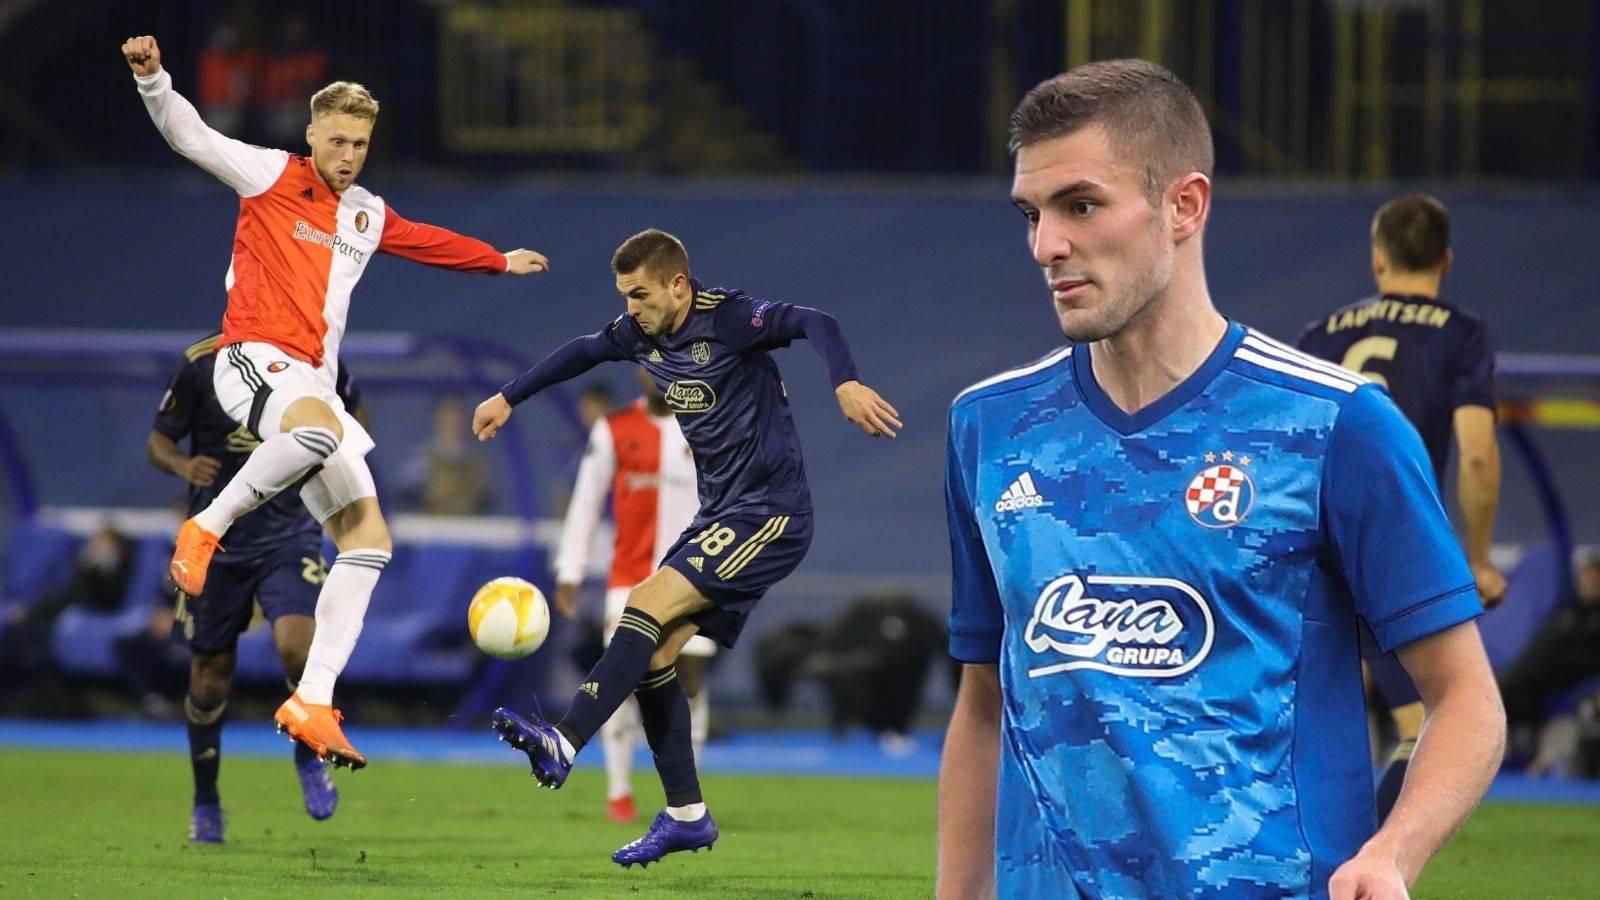 Odličan potez Mamića: Franjić oduševio protiv Vlašića i CSKA! 'Volim čitati knjige o motivaciji'